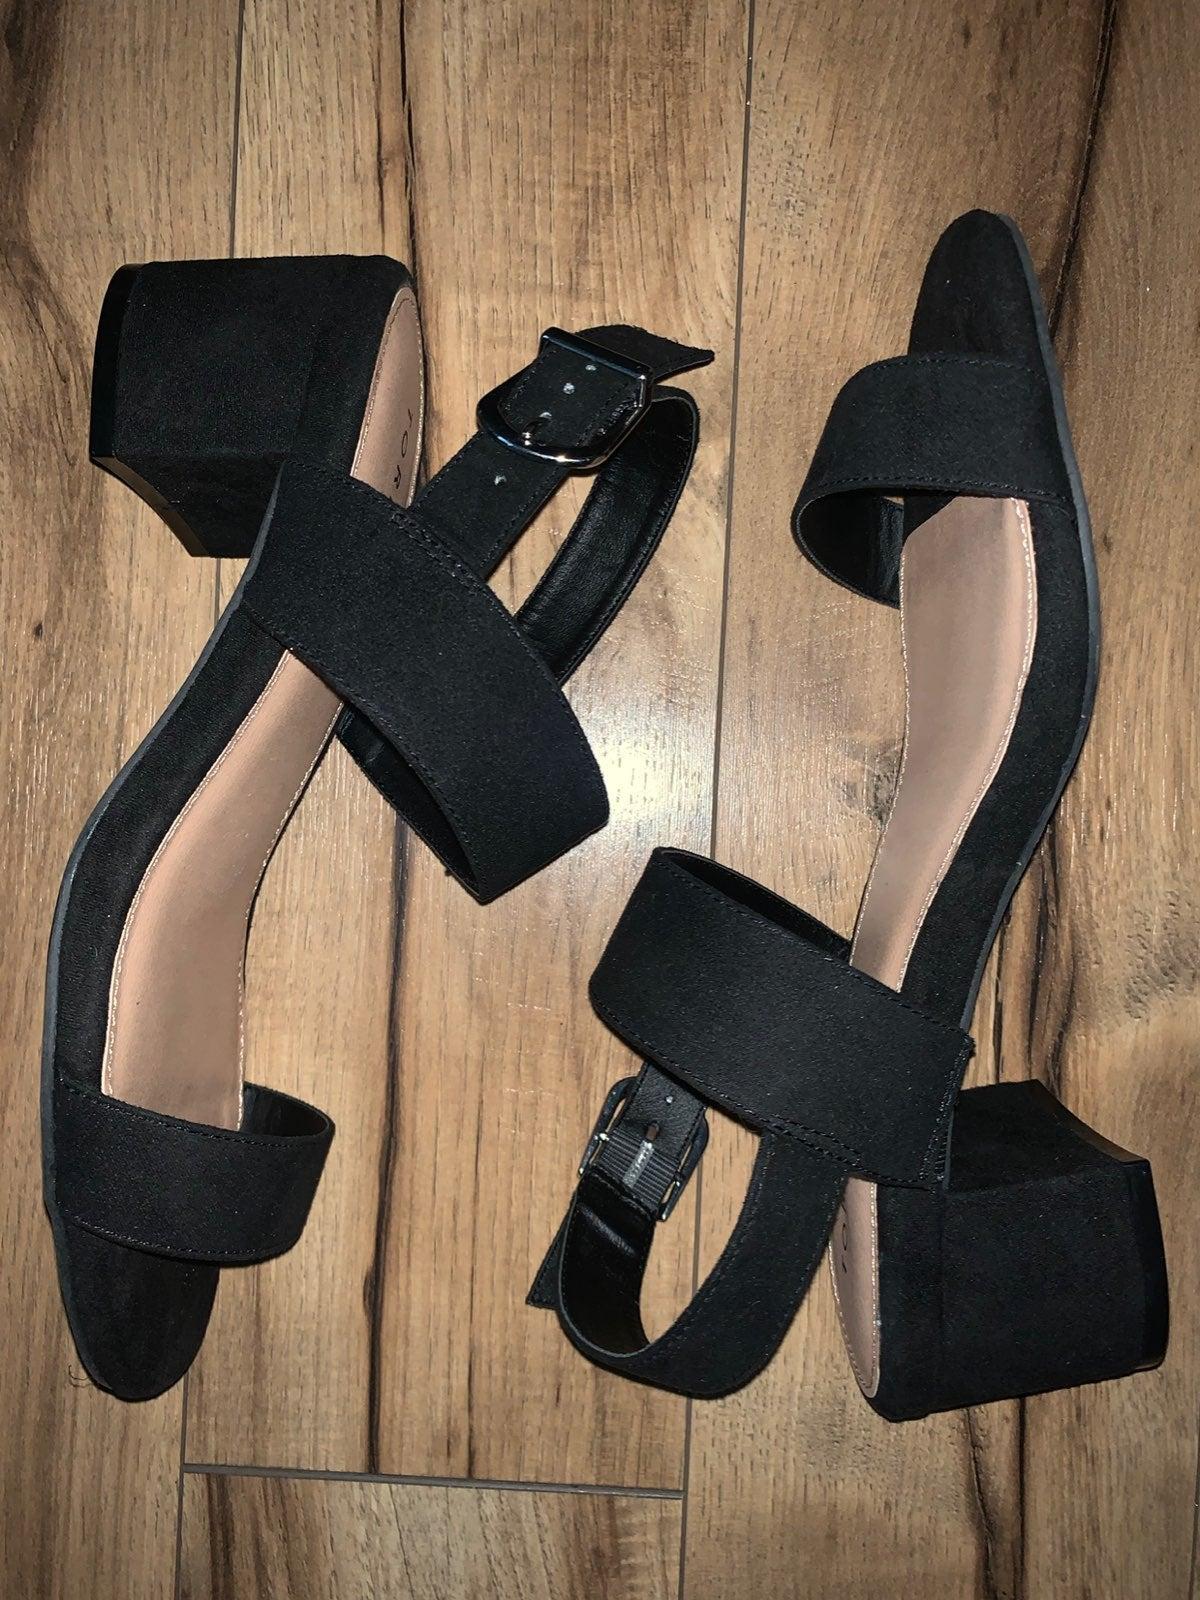 Torrid Sandals/Shoes Size 9.5W